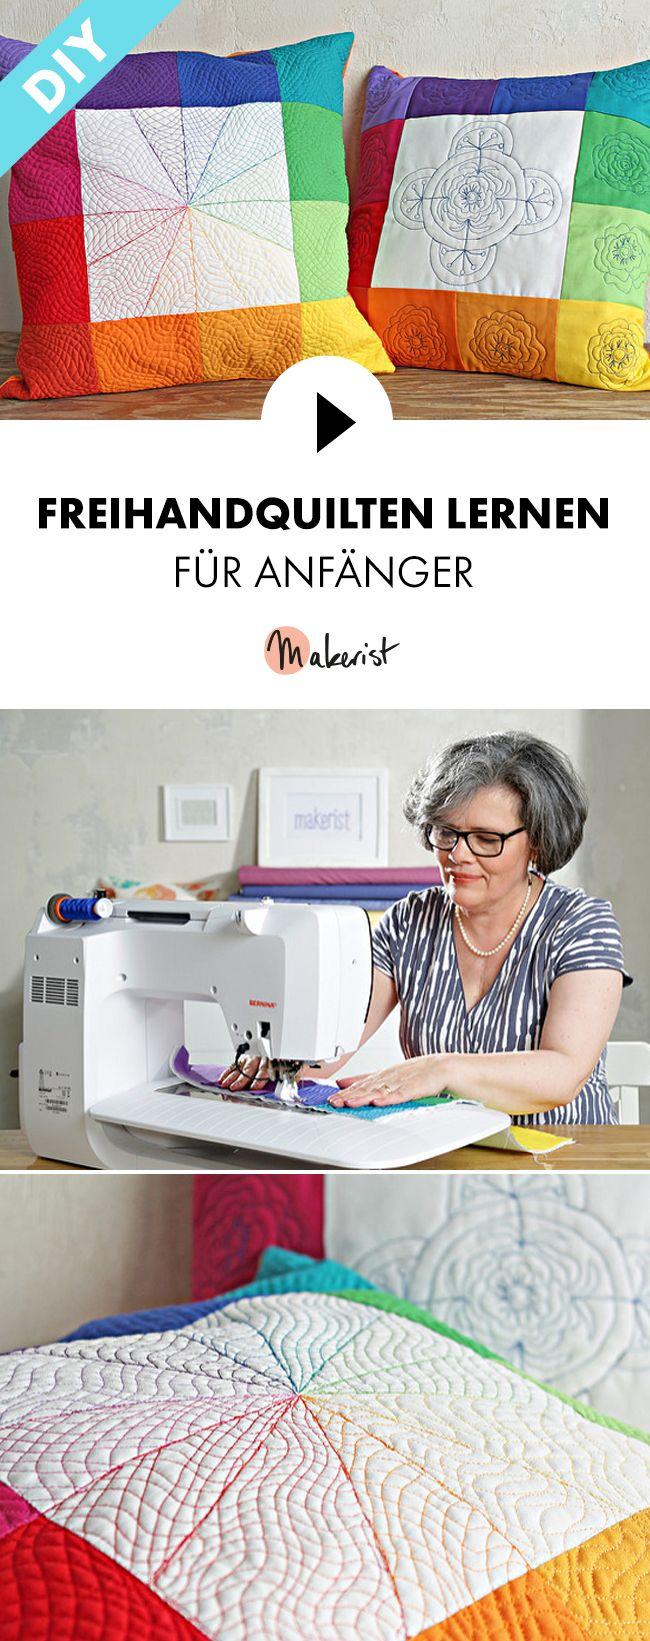 Freihandquilten lernen für Anfänger - Nähen lernen Schritt für Schritt erklärt im Video-Kurs via Makerist.de